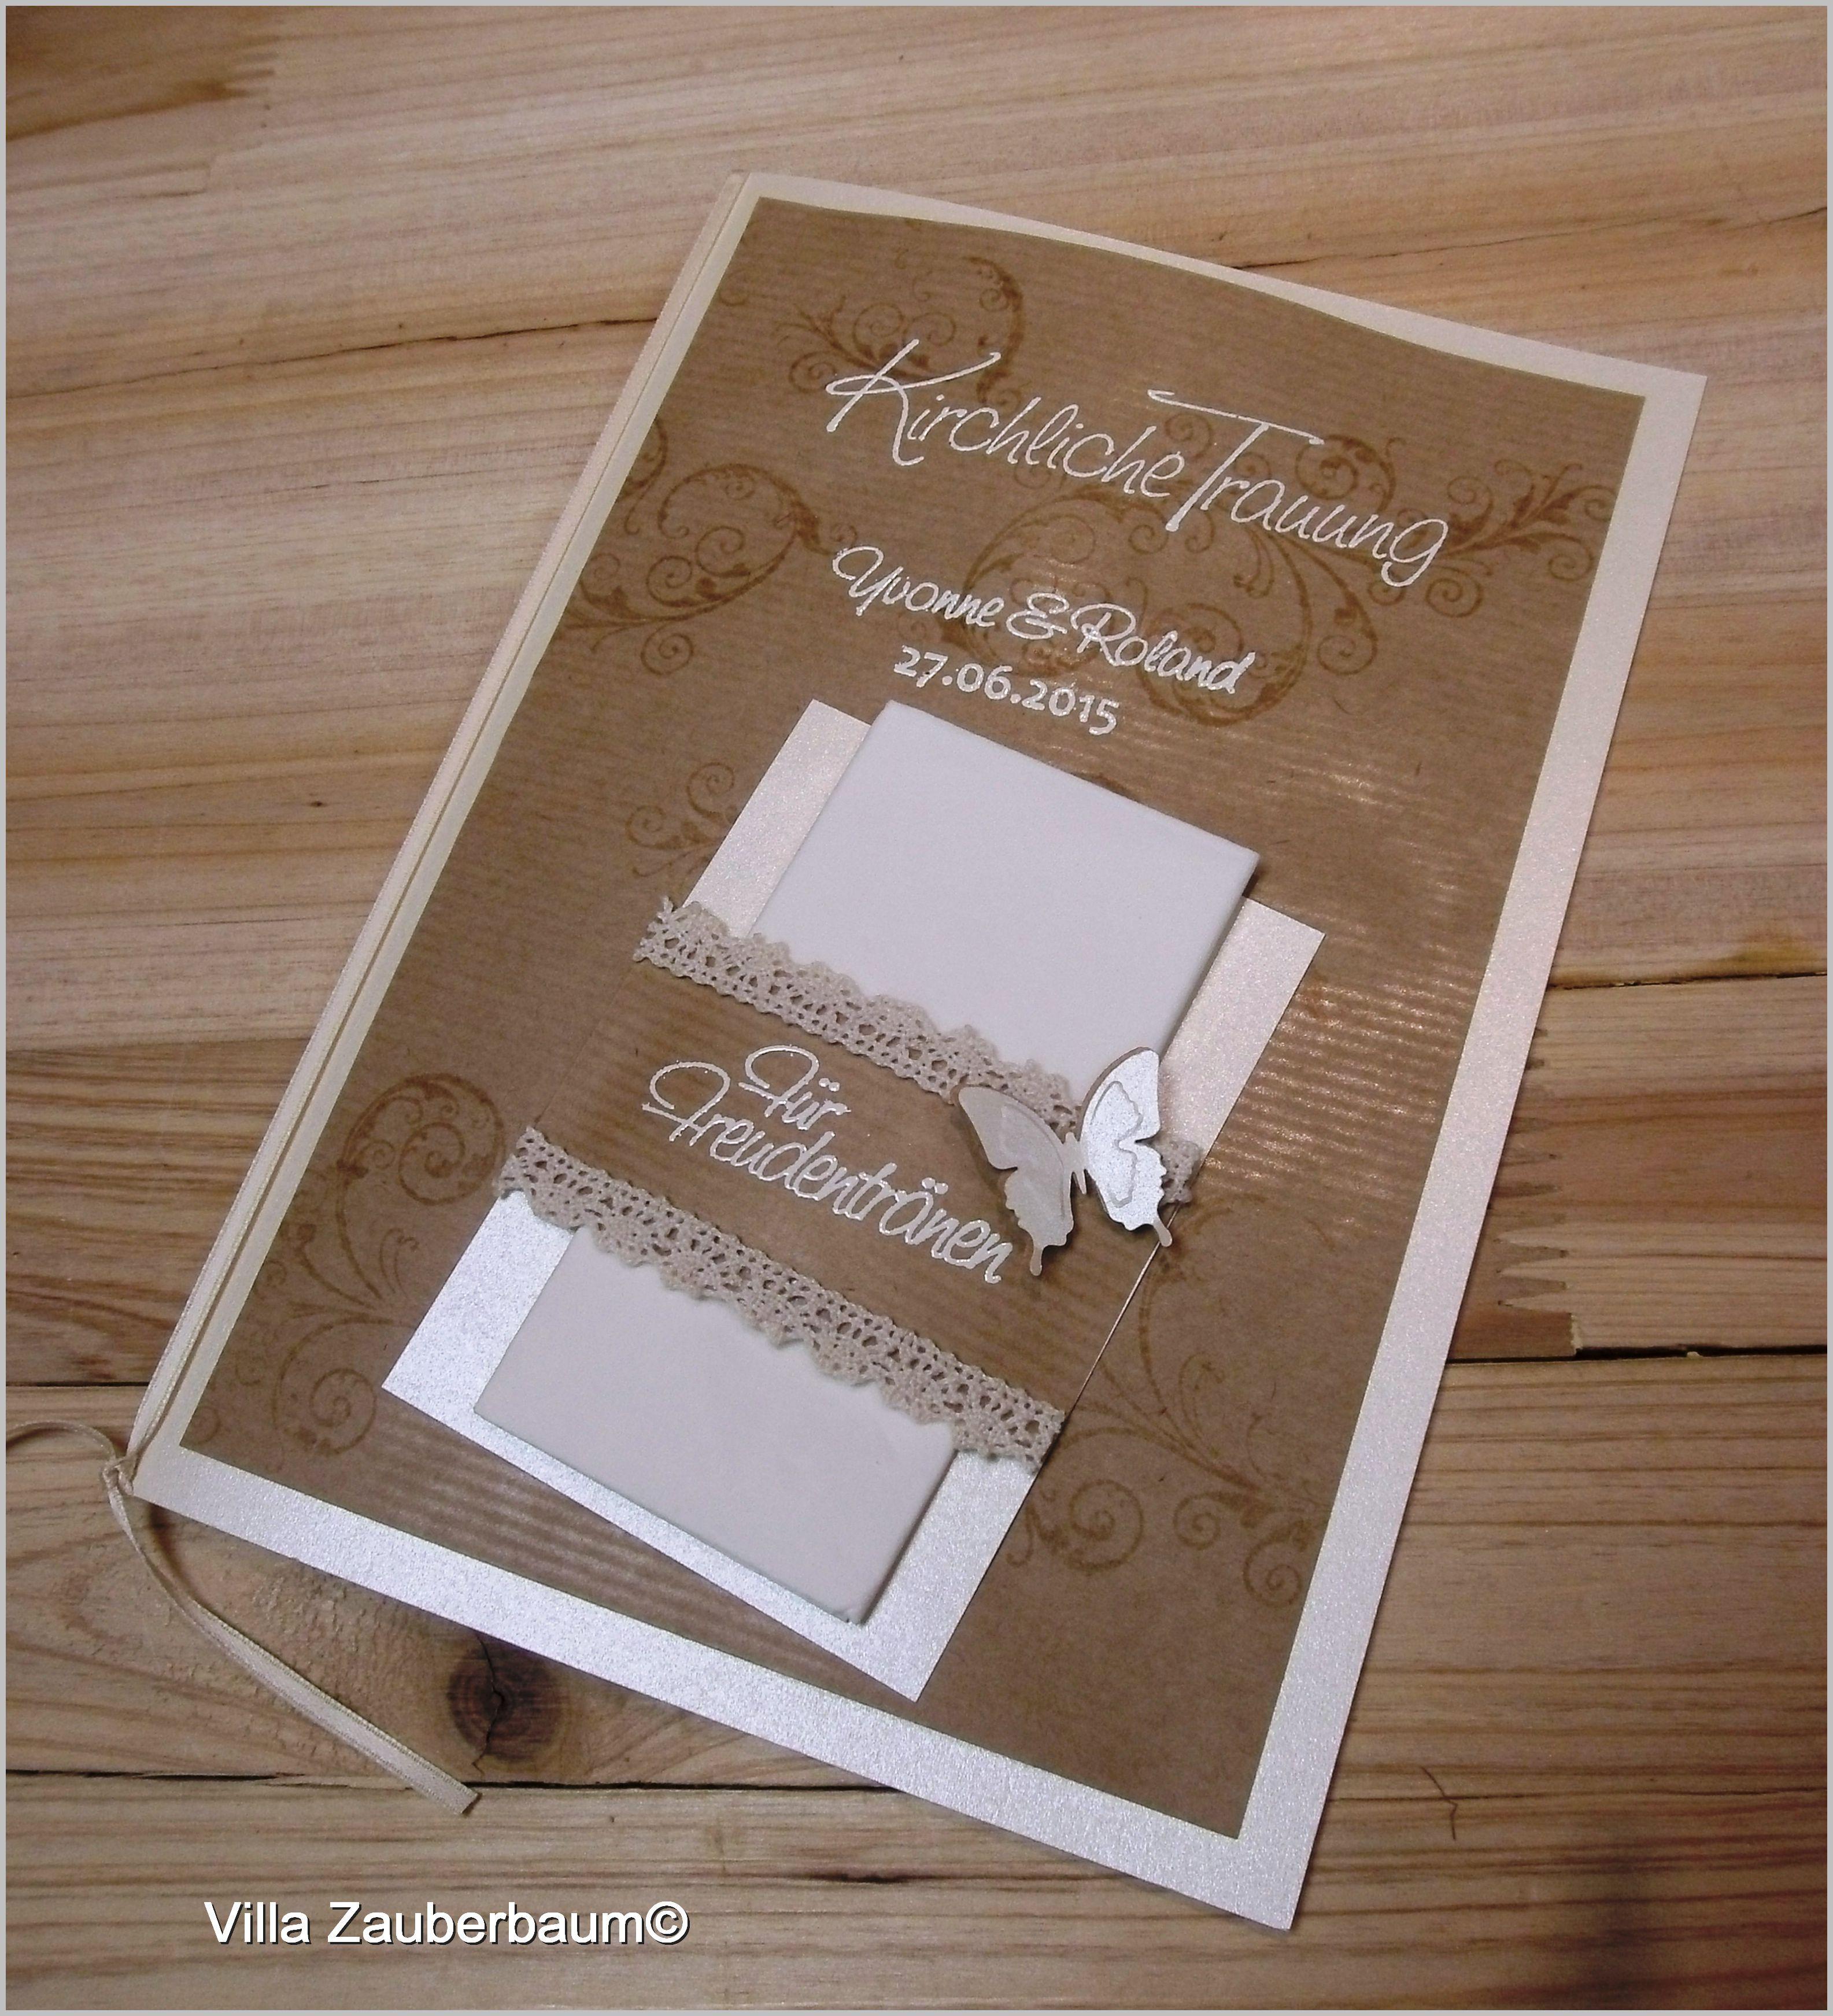 Bastelset Kirchenheft Vintage Butterfly Karte Hochzeit Ideen Fur Die Hochzeit Hochzeitseinladung